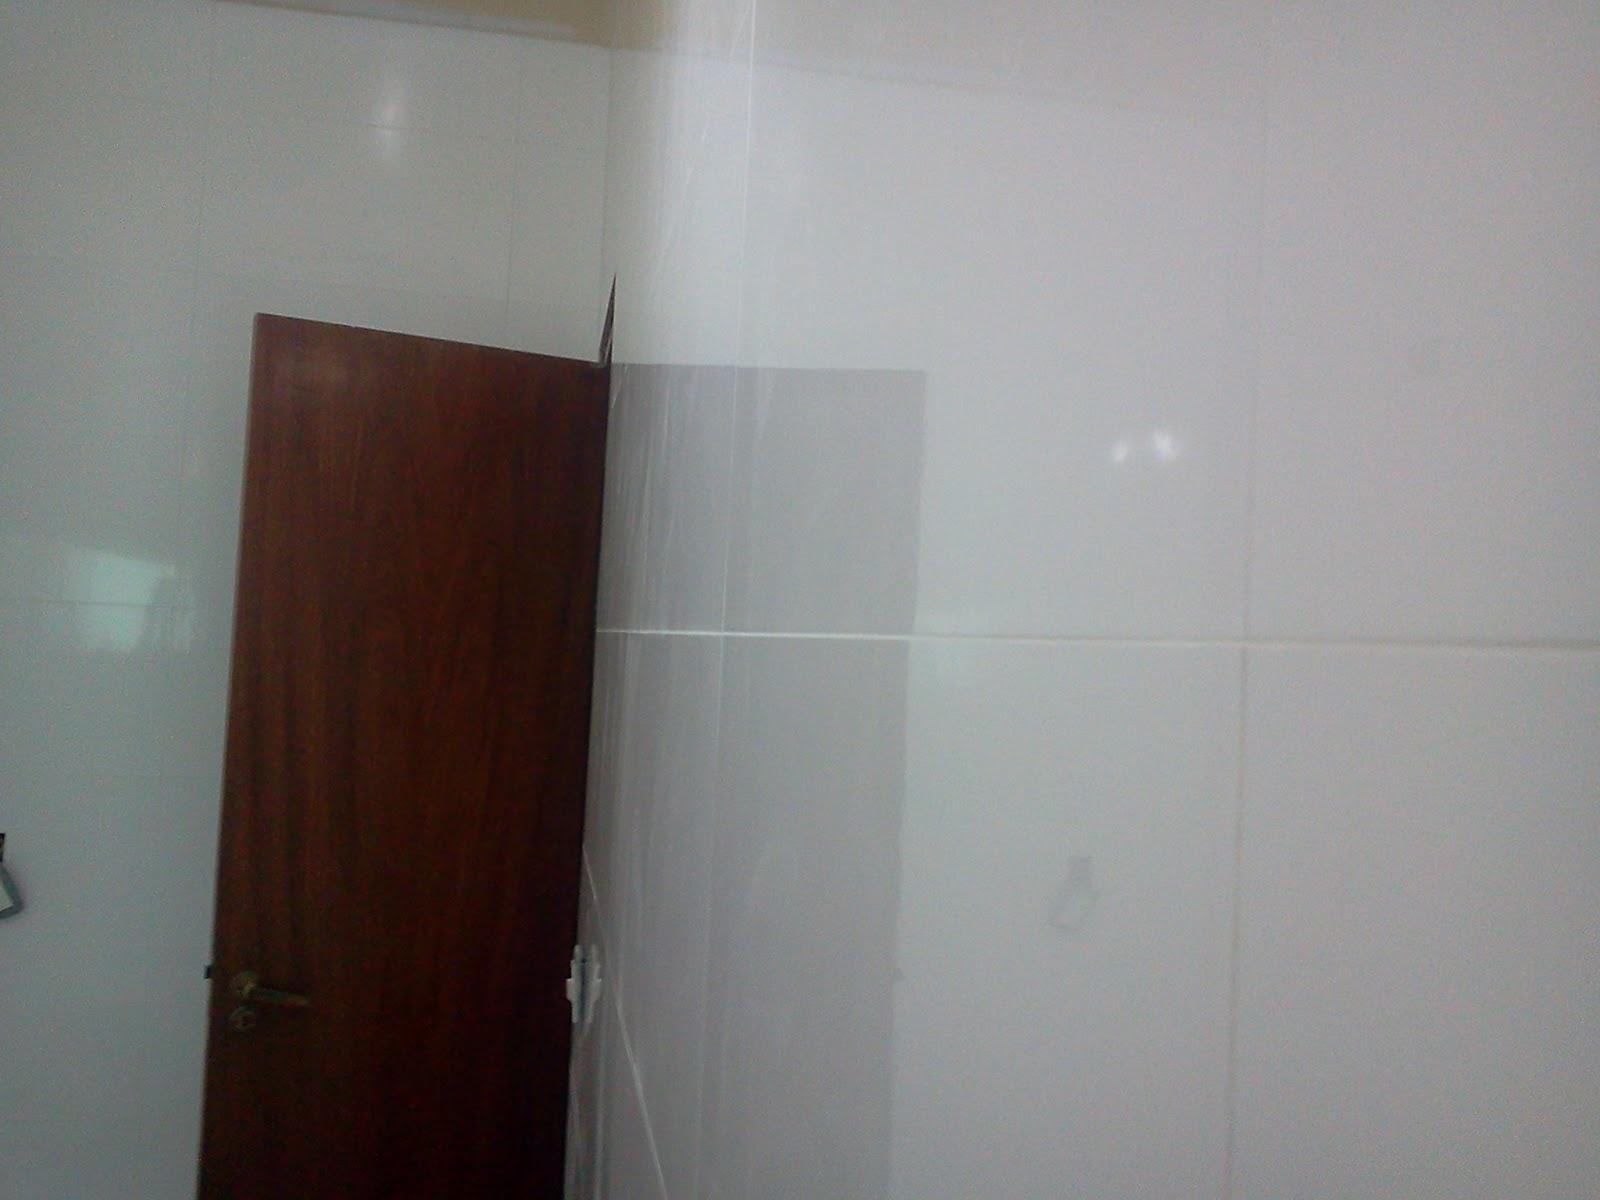 Porcelanatos e cia reforma banheiro azulejo retificado for Azulejo de porcelanato